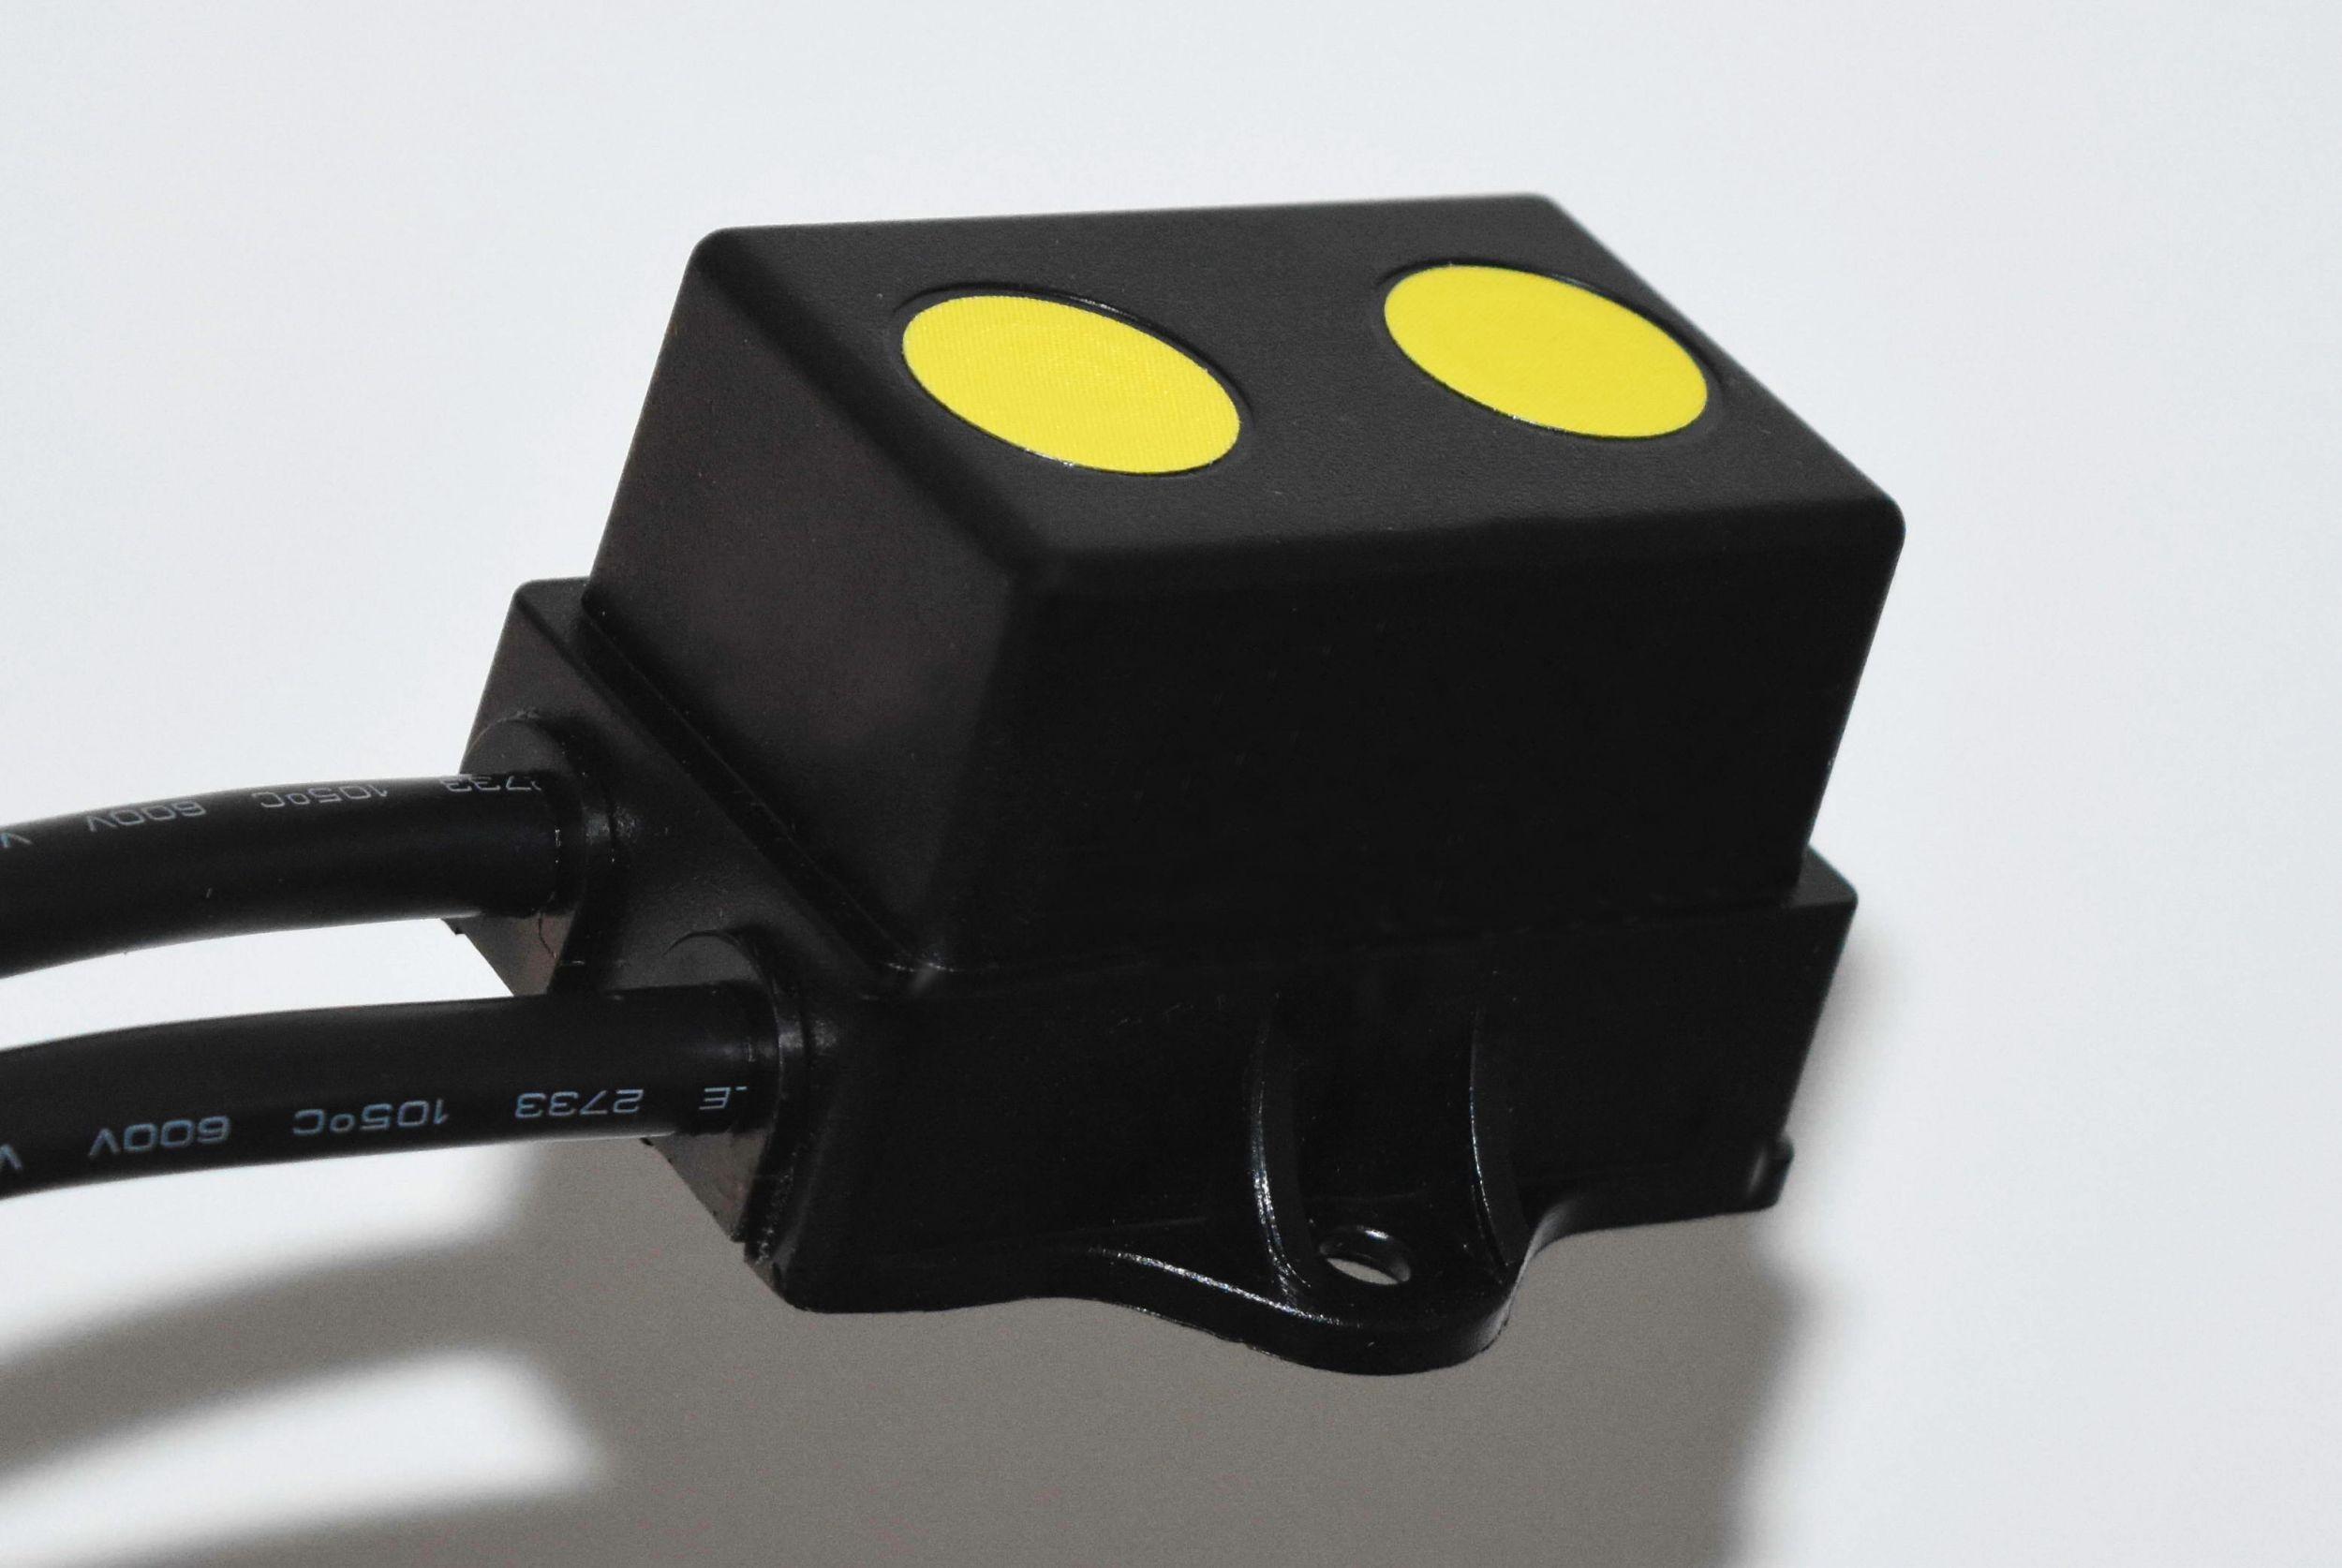 IP67-zertifizierte CO2-Sensoren für den Einsatz in besonders rauen Umgebungen